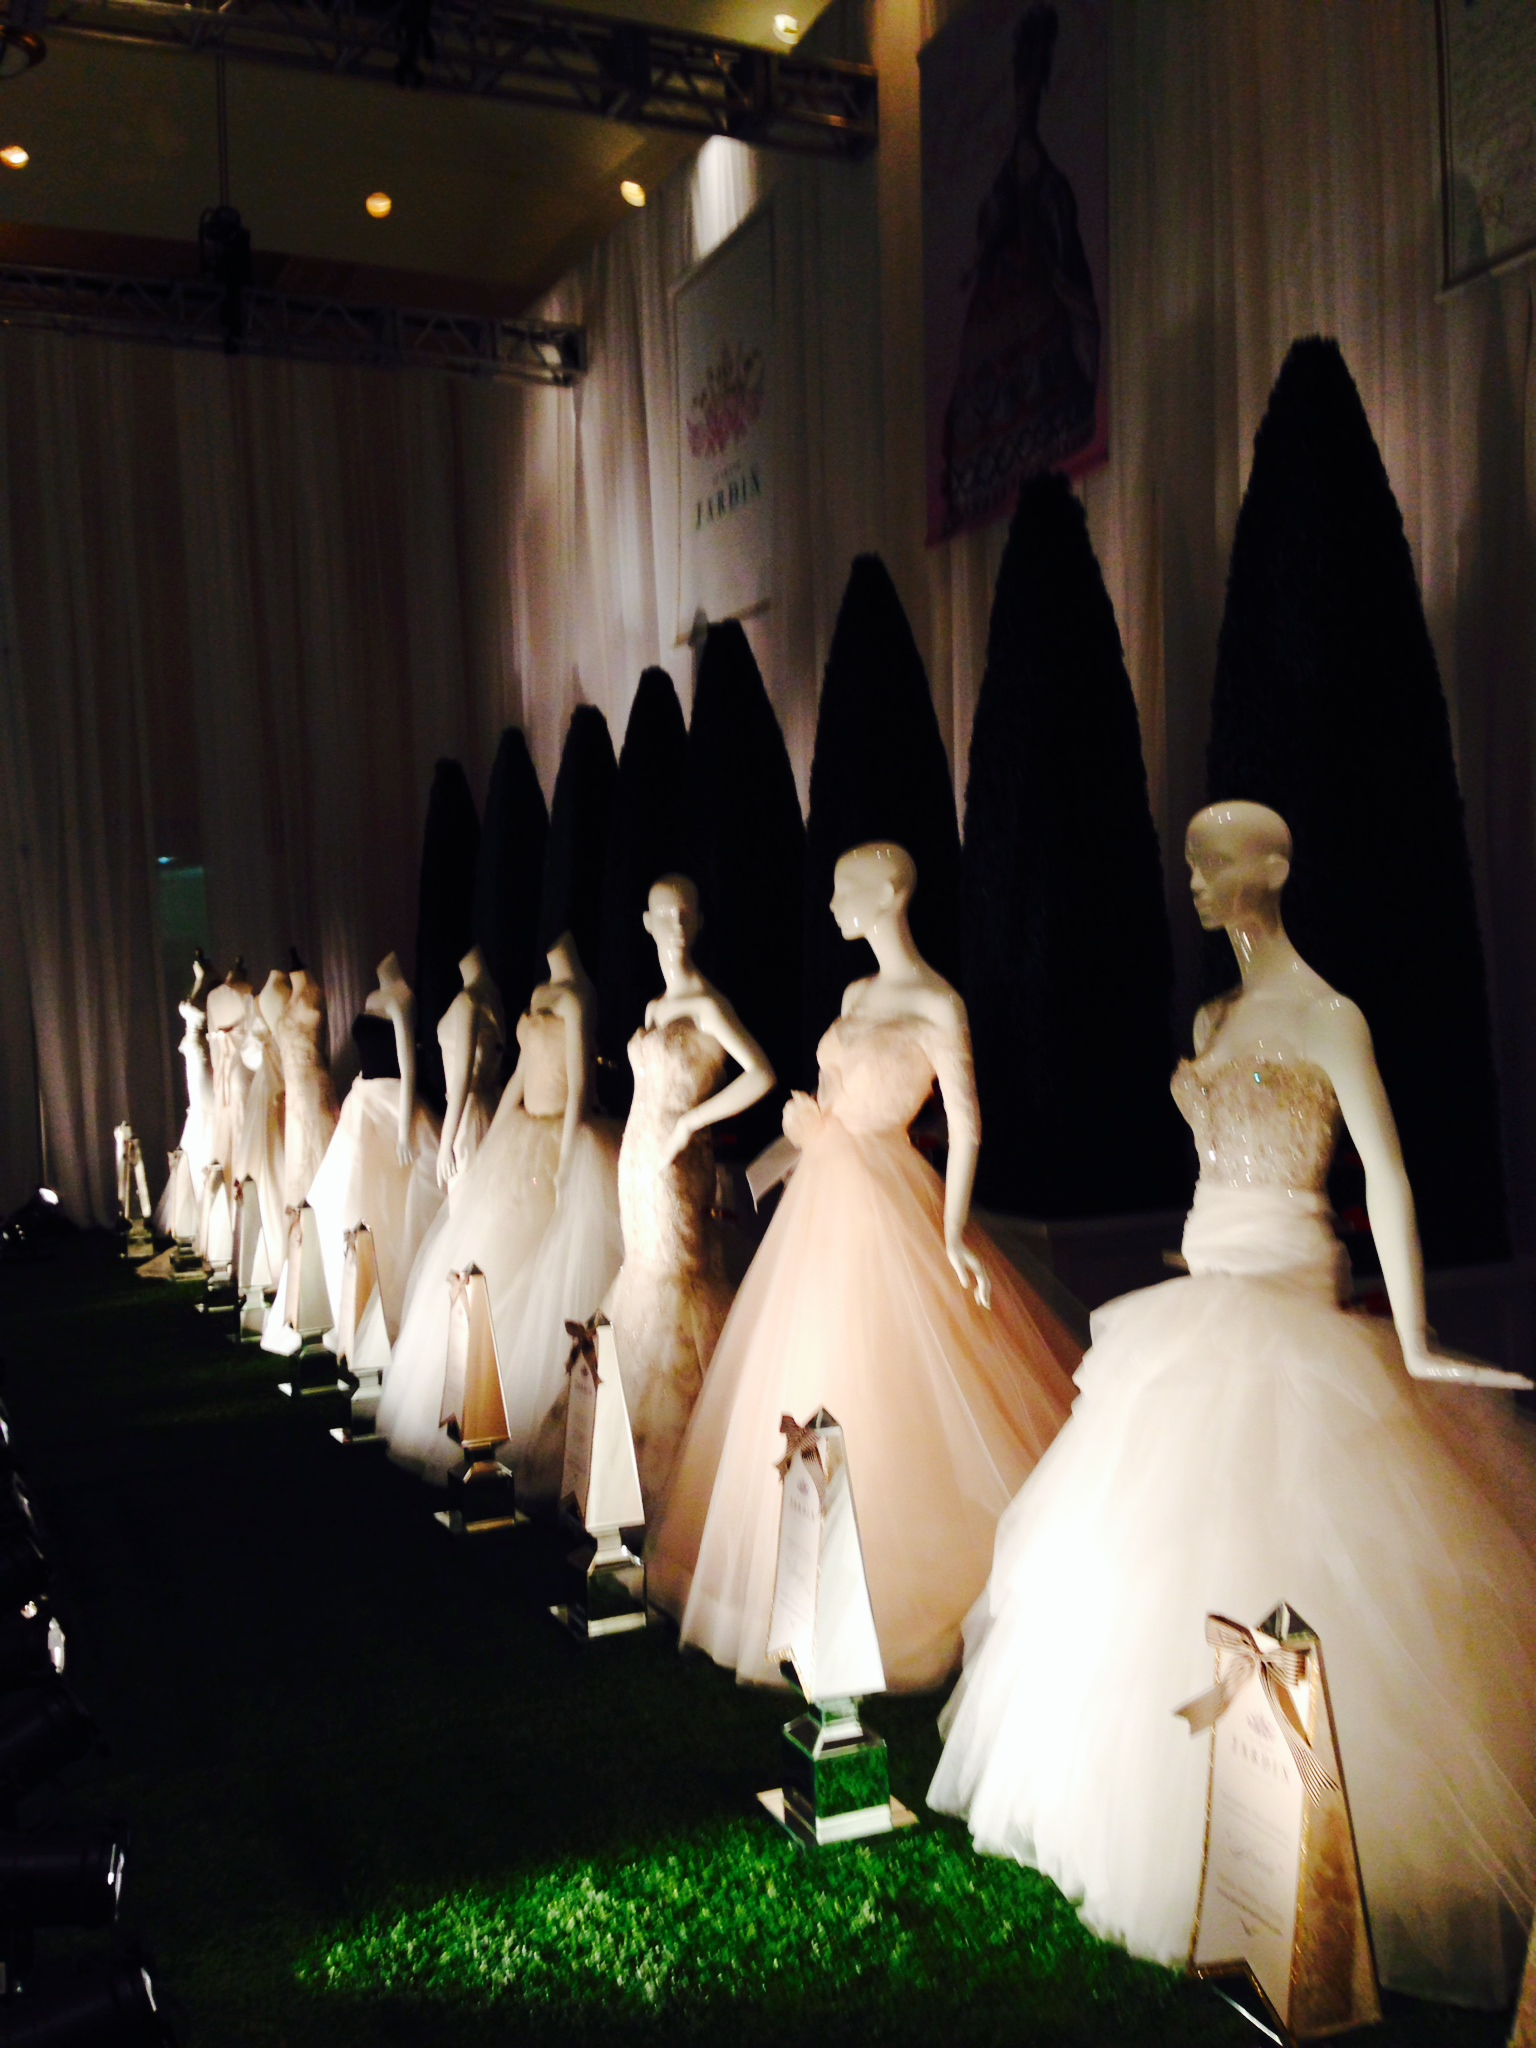 weddingdresses-wedluxeshow-torontoweddingplanner- torontodestionationweddingplanner